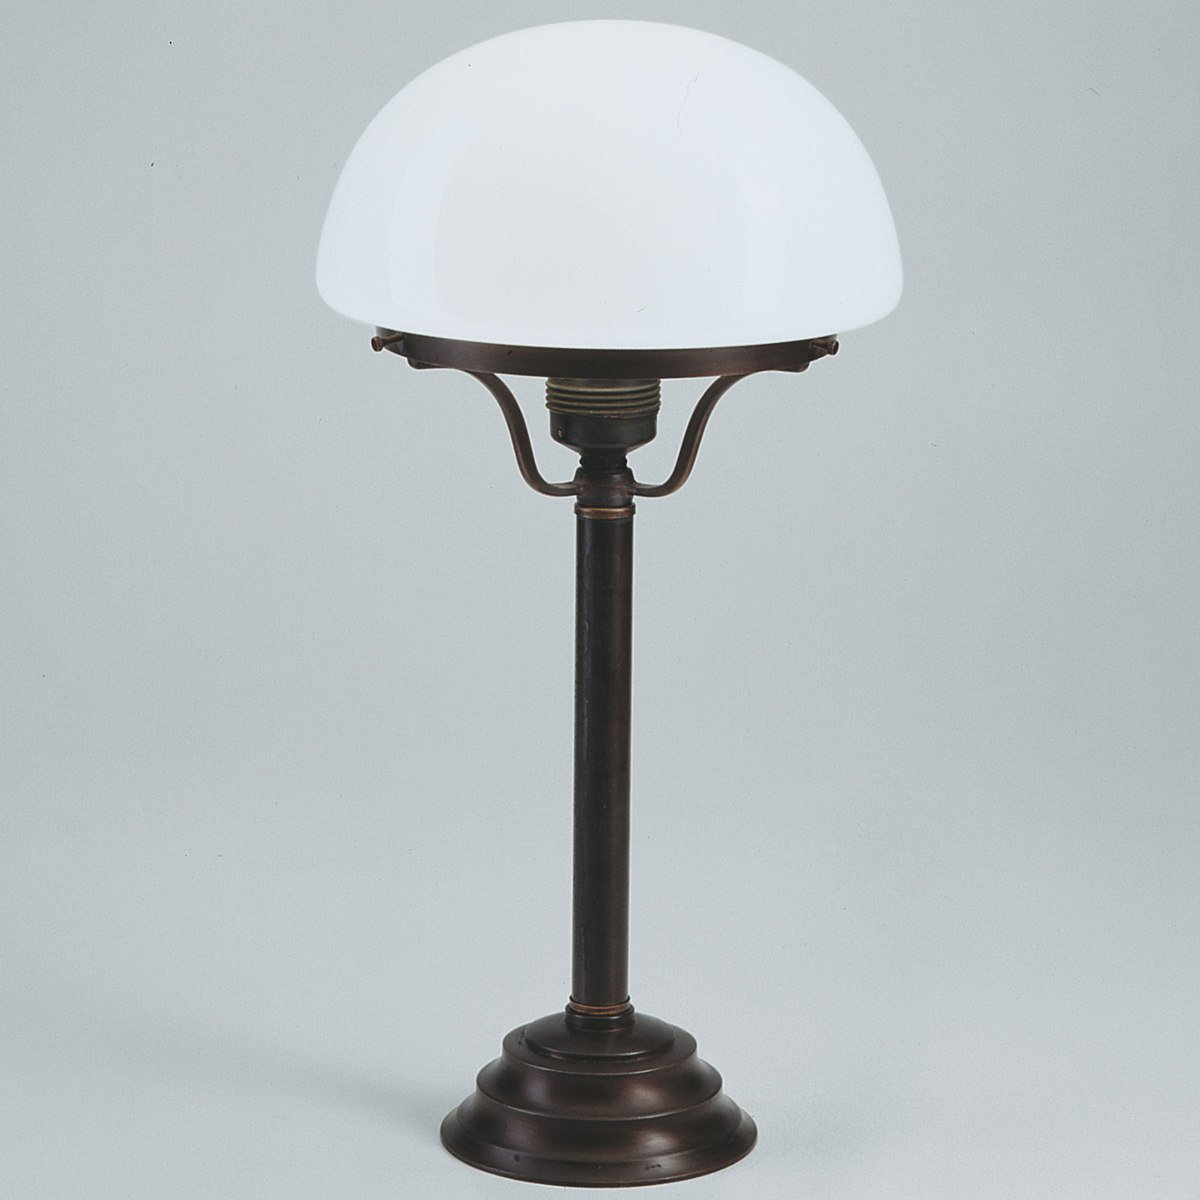 helga tischleuchte von berliner messinglampen lampen suntinger shop. Black Bedroom Furniture Sets. Home Design Ideas